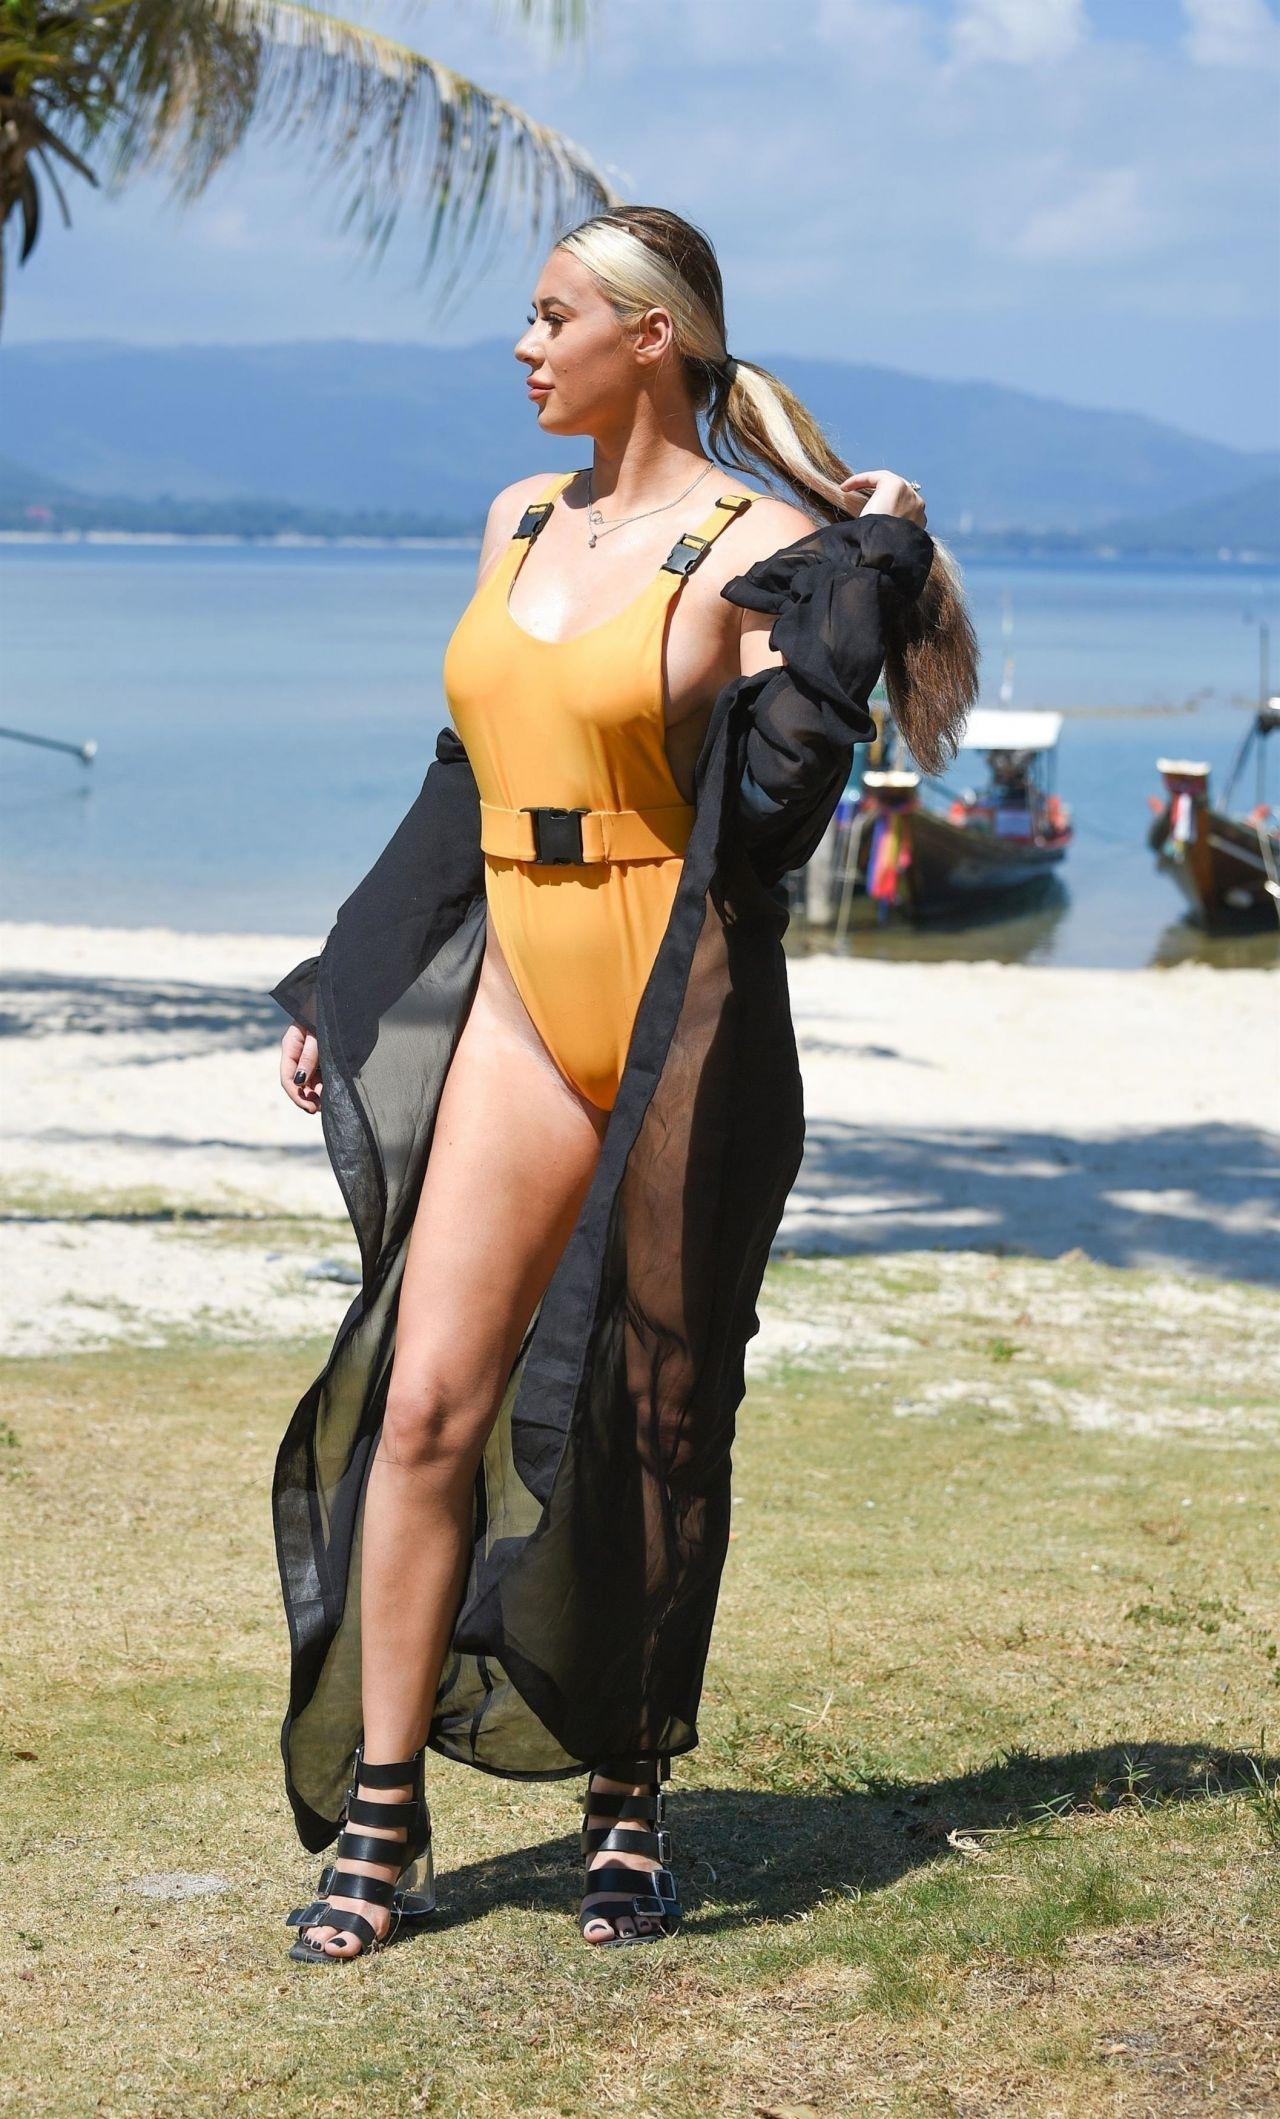 Nude beach at thailand